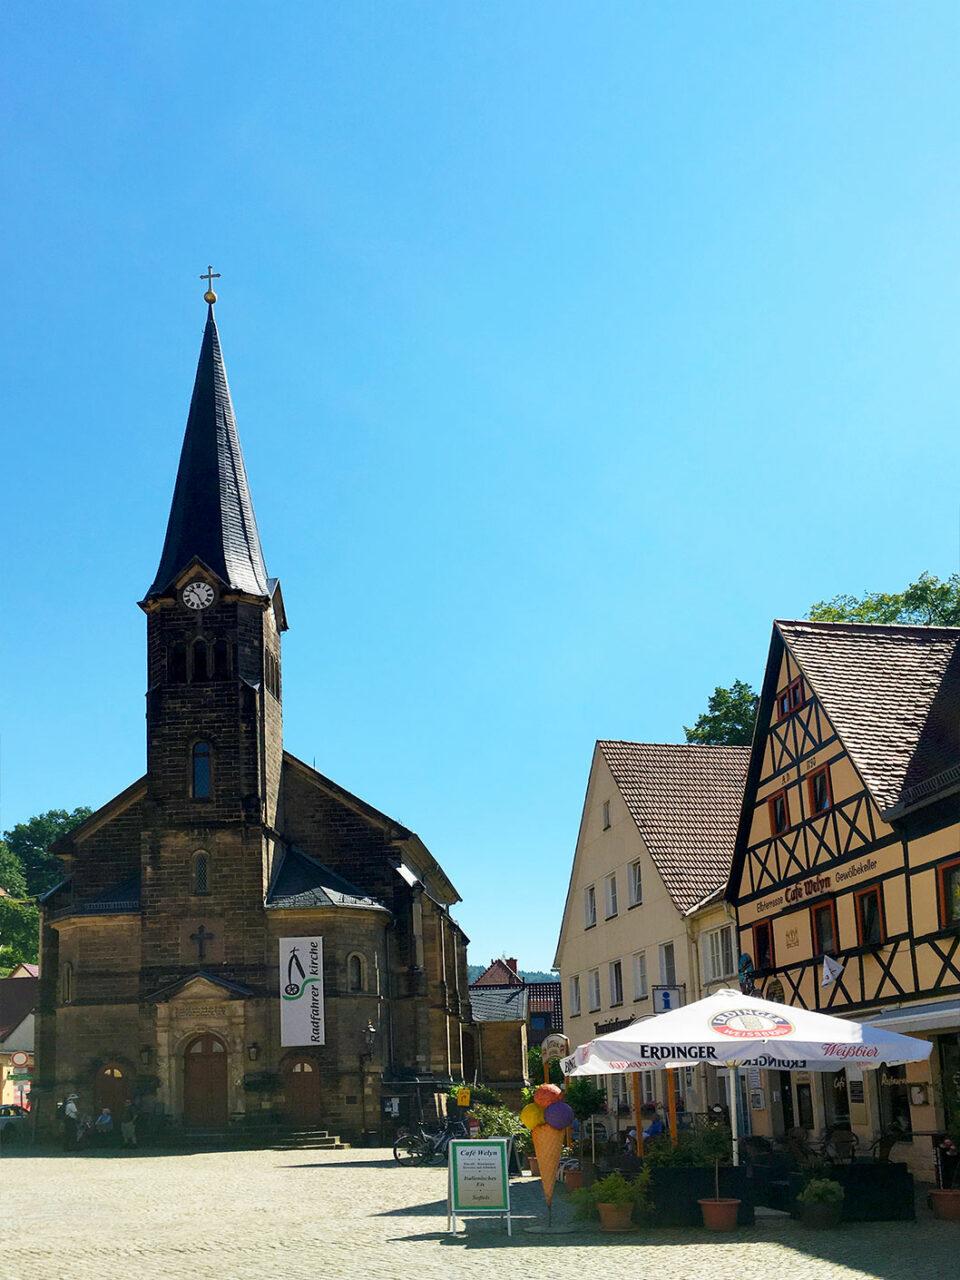 Startpunkt der Wanderung ist die Stadt Wehlen, welche idyllisch direkt am Ufer der Elbe liegt.